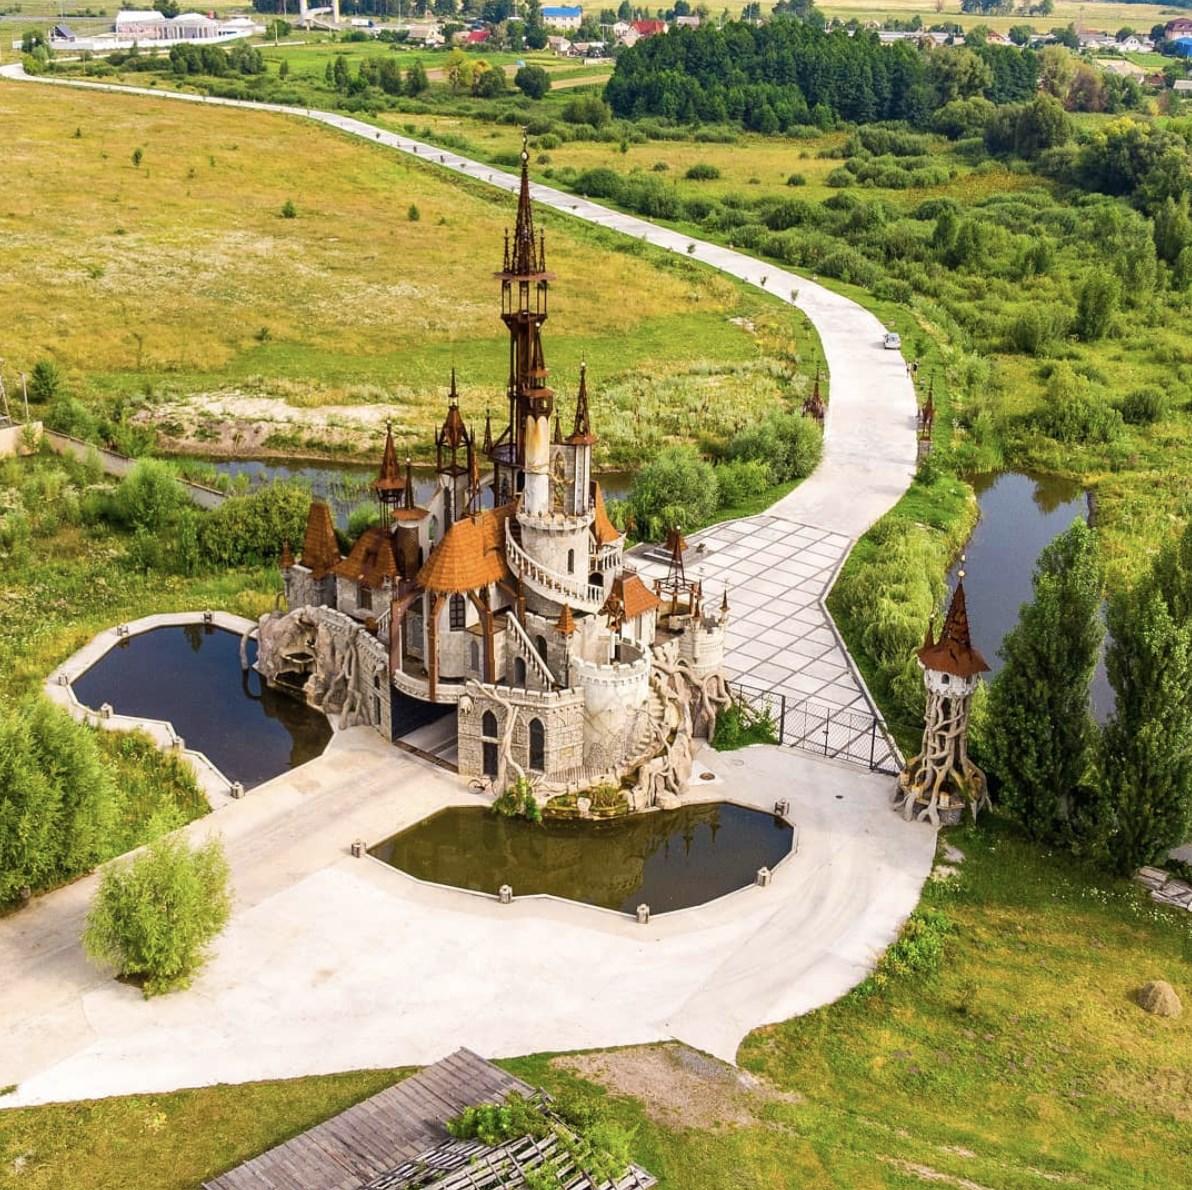 Казковий замок на Київщині -  - 68354550 396371657897886 7038190730753343488 o 1